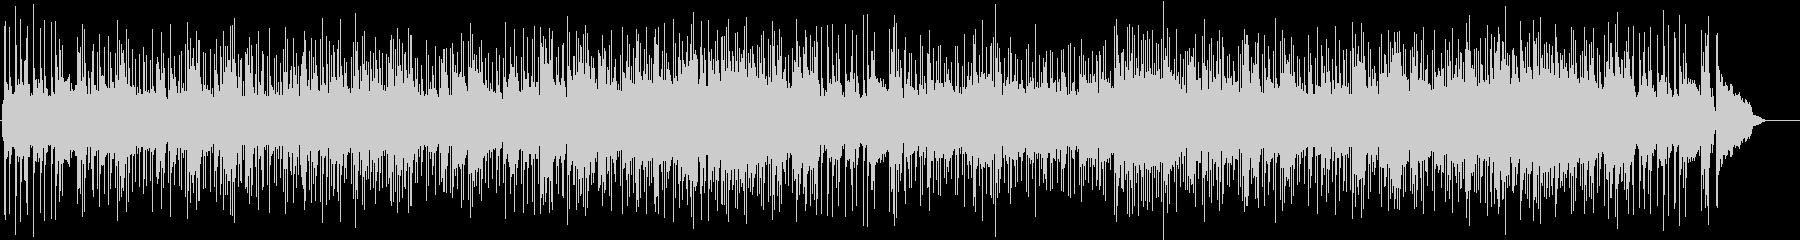 耳ざわり良い安らぎのボサノヴァ・サウンドの未再生の波形